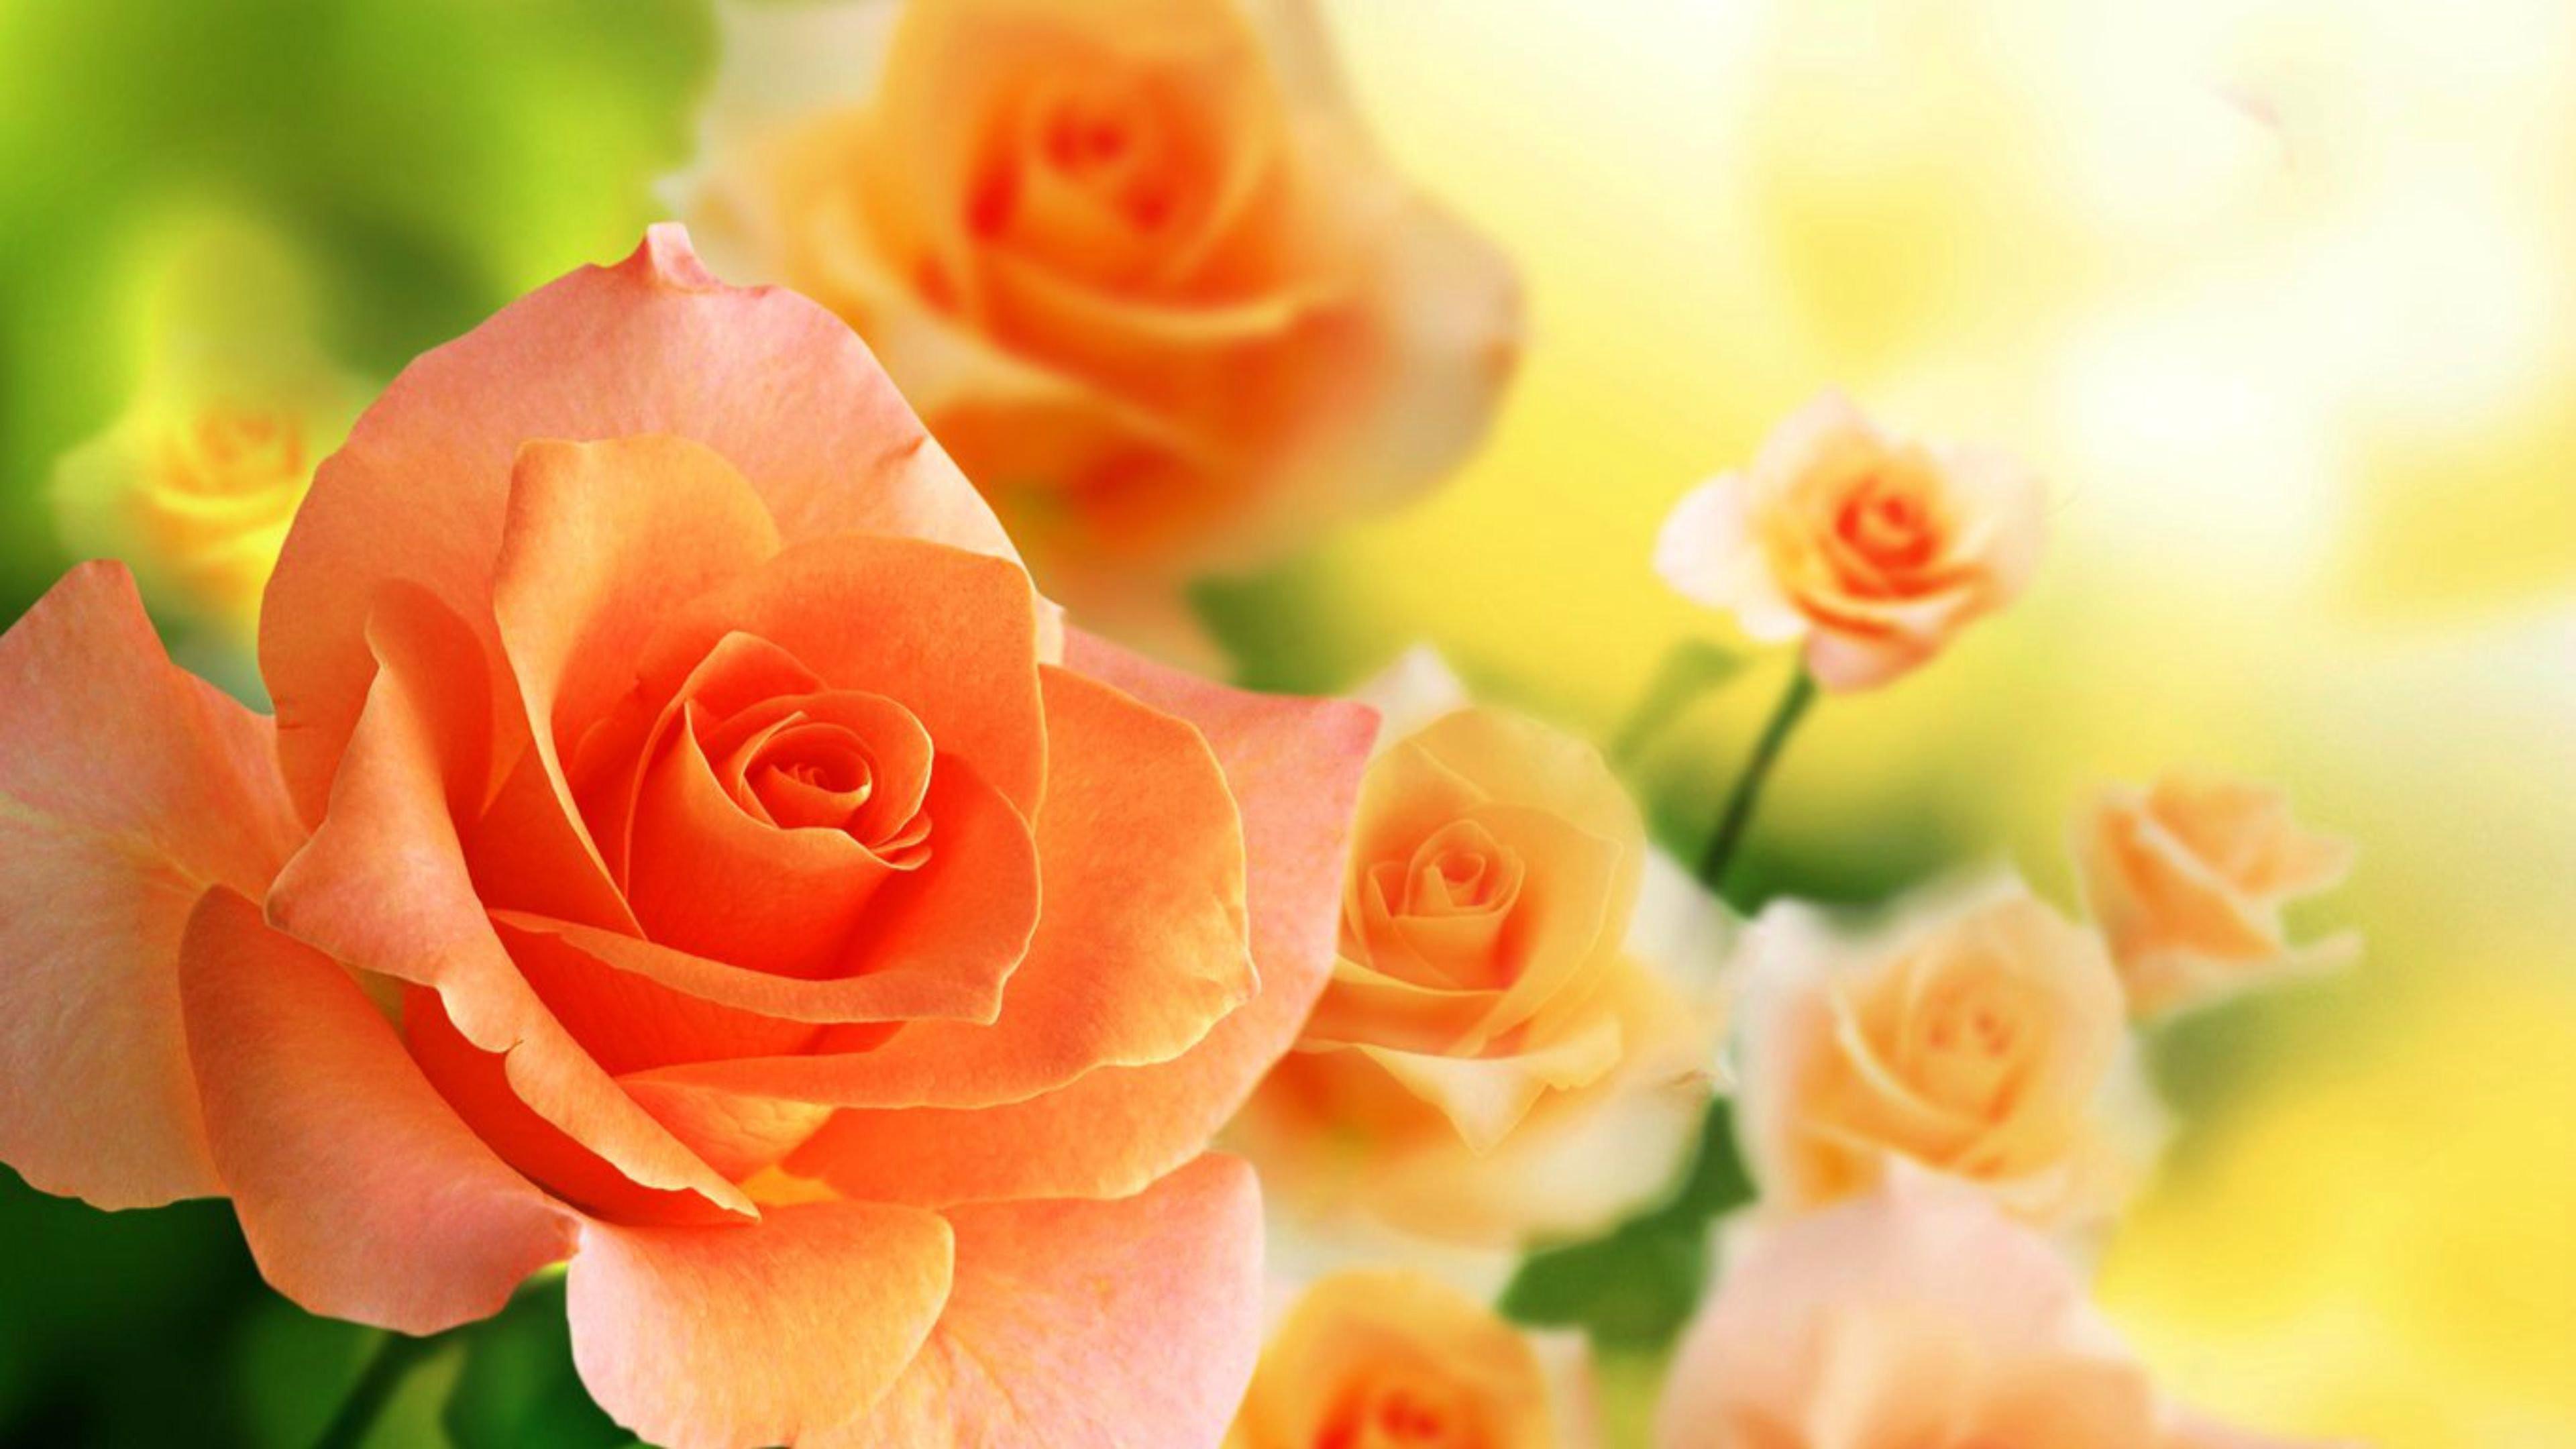 Full HD 1080p Orange Rose Wallpapers